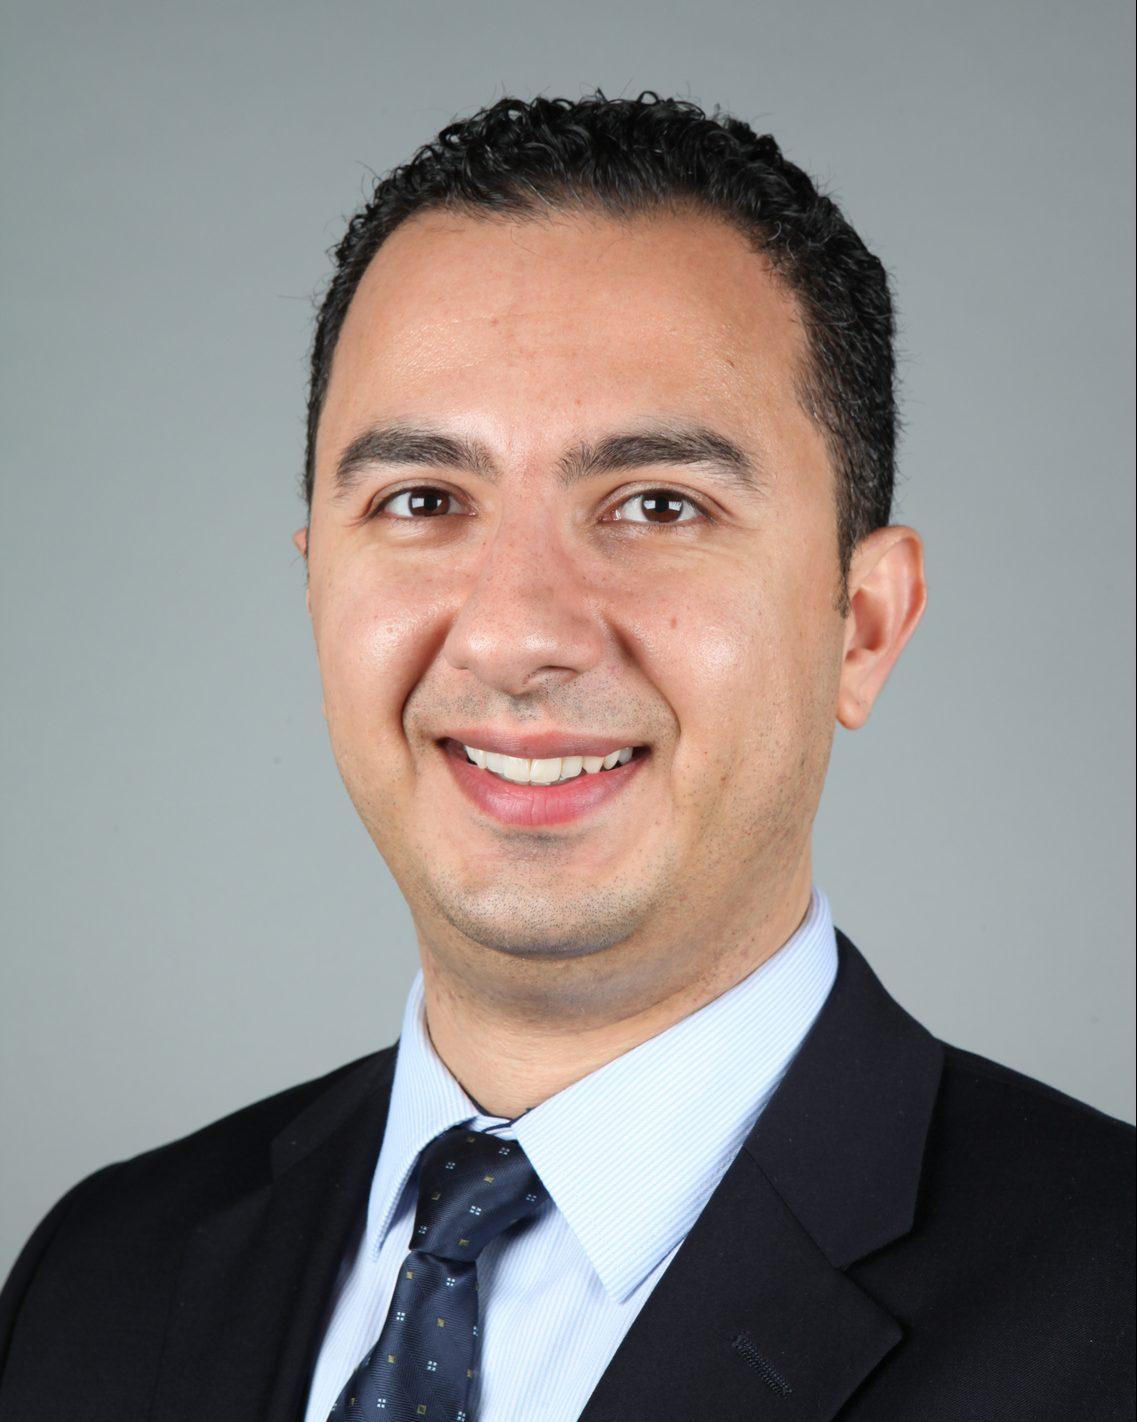 Saman Shafaat Talab, M.D.